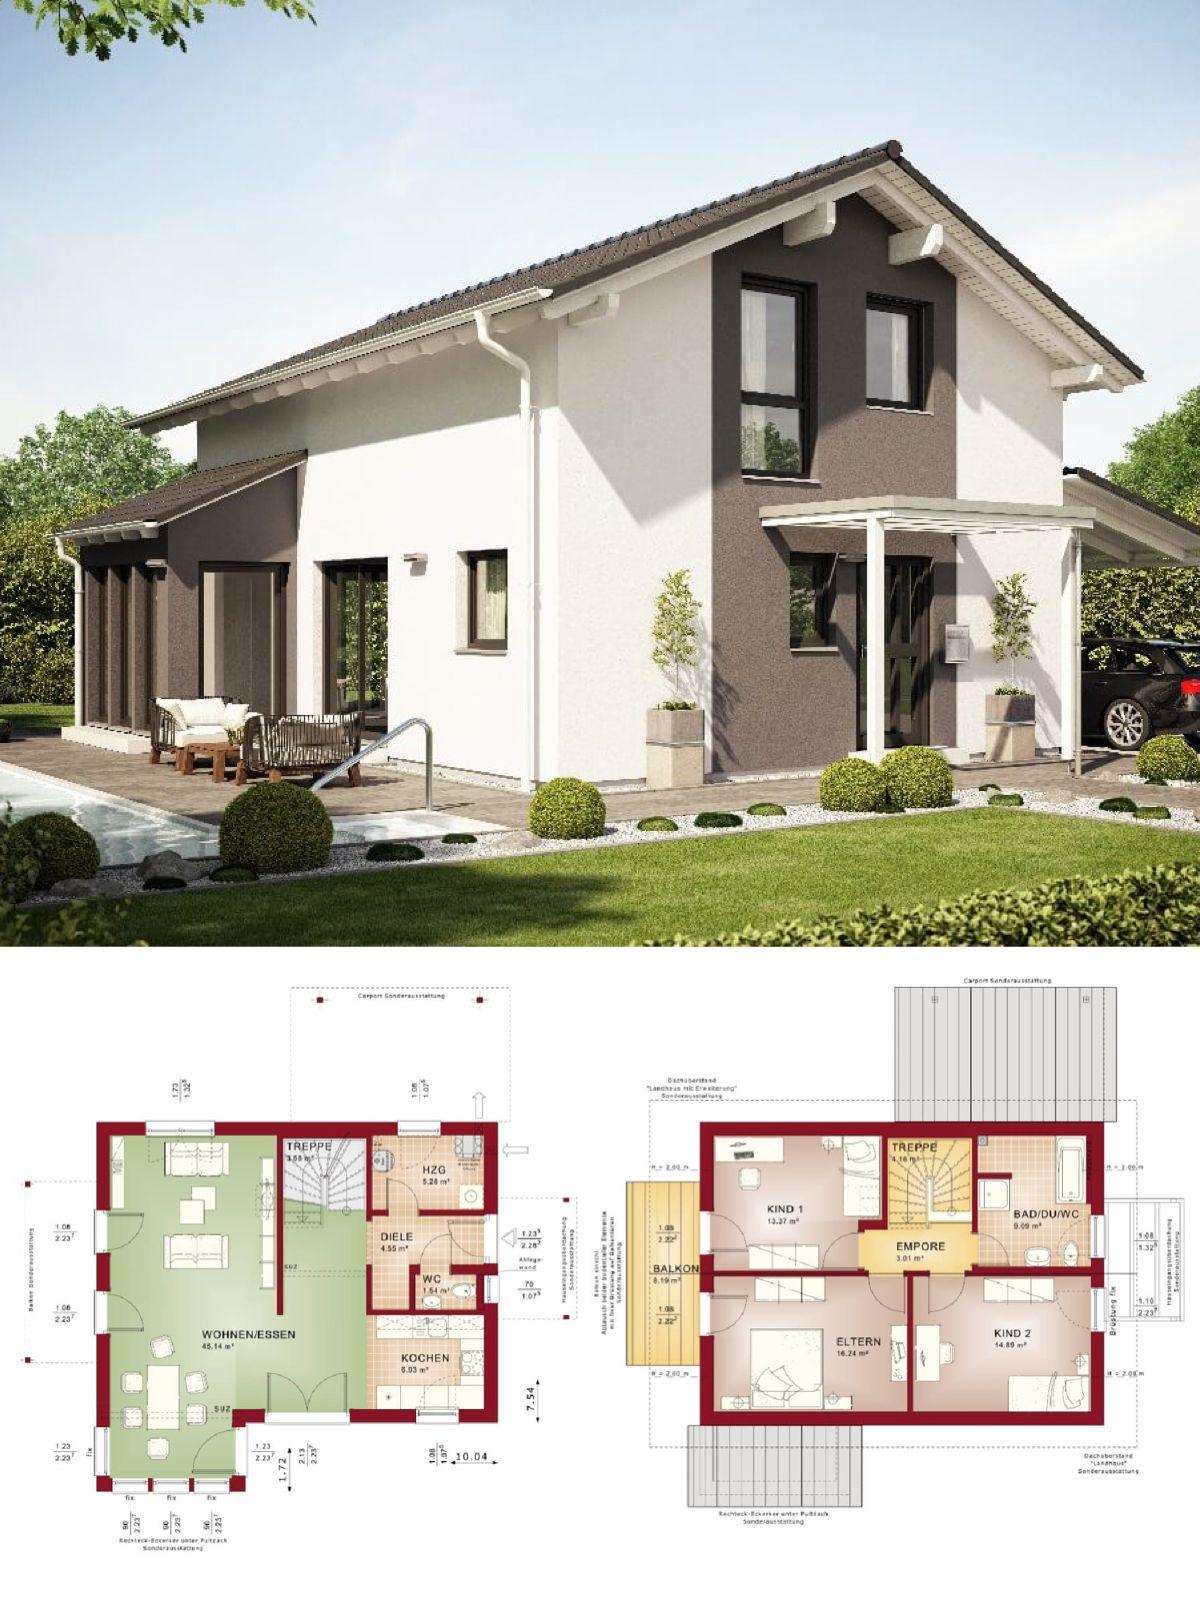 Einfamilienhaus Neubau Im Modernen Landhausstil Mit Satteldach